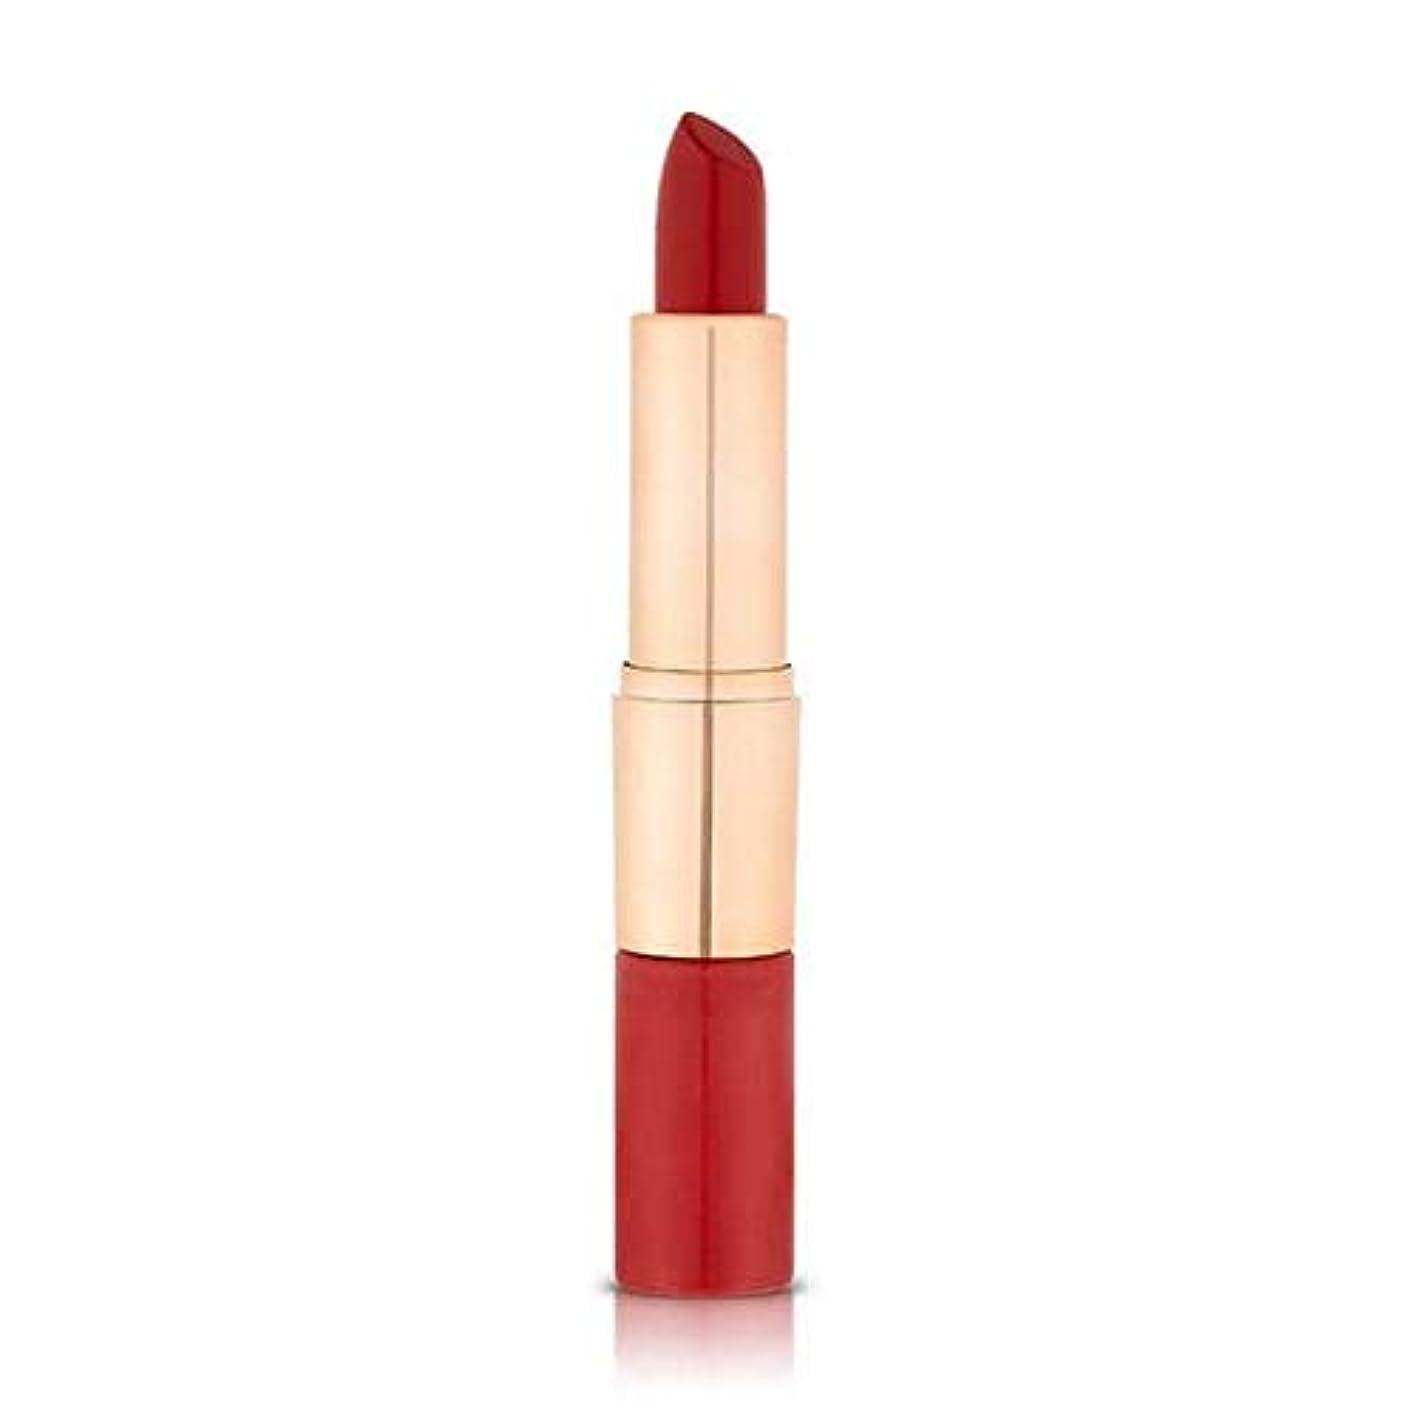 確認してくださいメニューこしょう[Flower Beauty ] 花の美しさのミックスN」はマットリップスティックデュオ赤いベルベット690 - Flower Beauty Mix N' Matte Lipstick Duo Red Velvet 690 [並行輸入品]